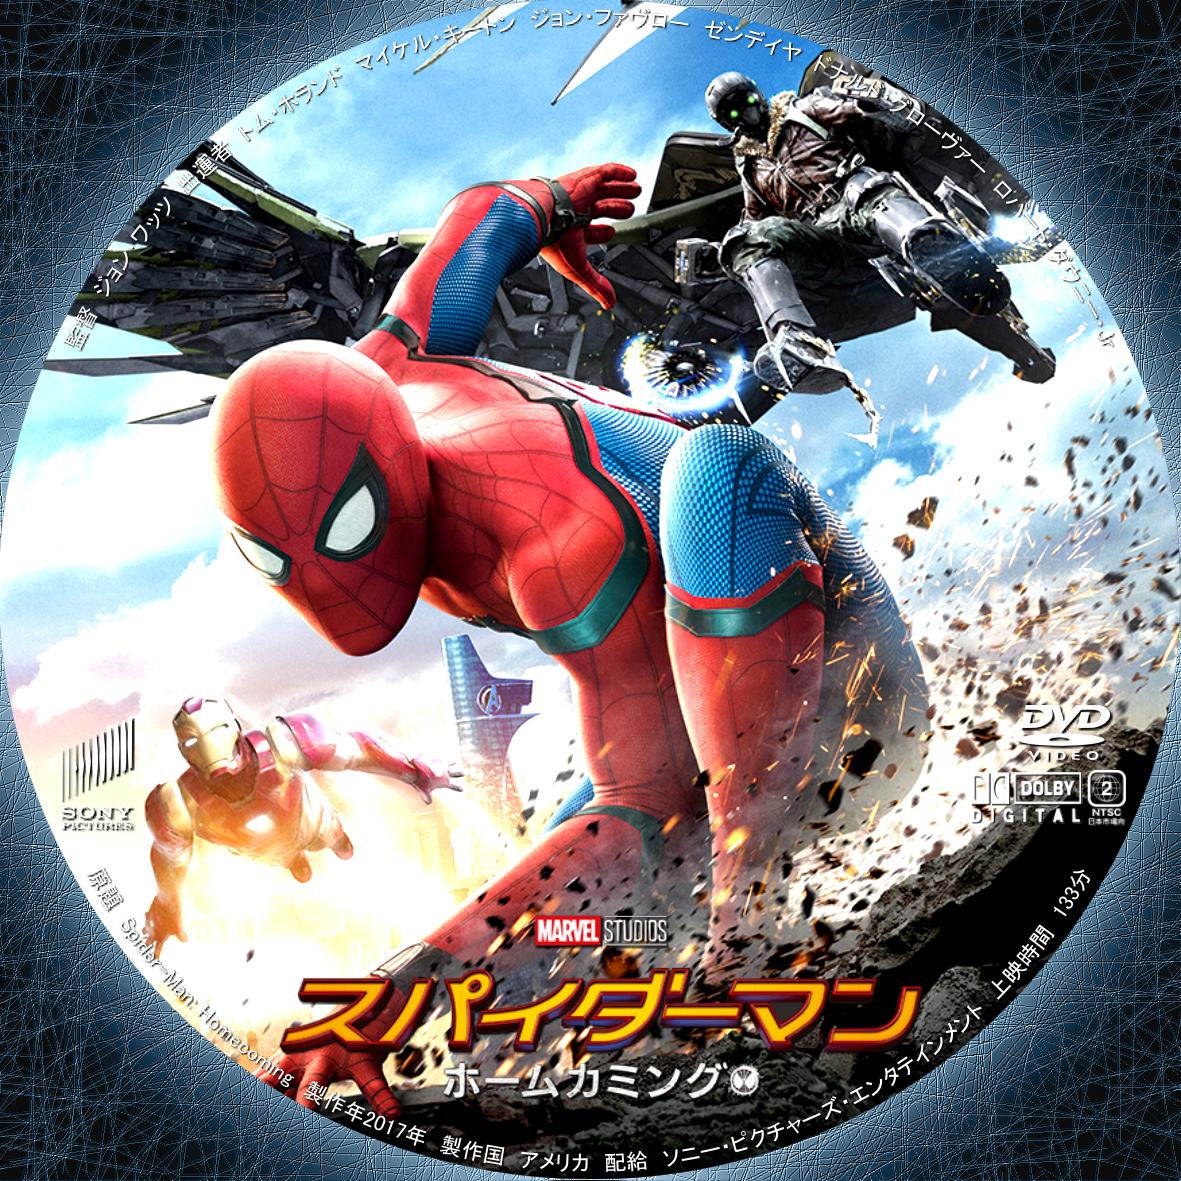 ちっぷう劇場スパイダーマン:ホームカミング DVD ラベルの巻き